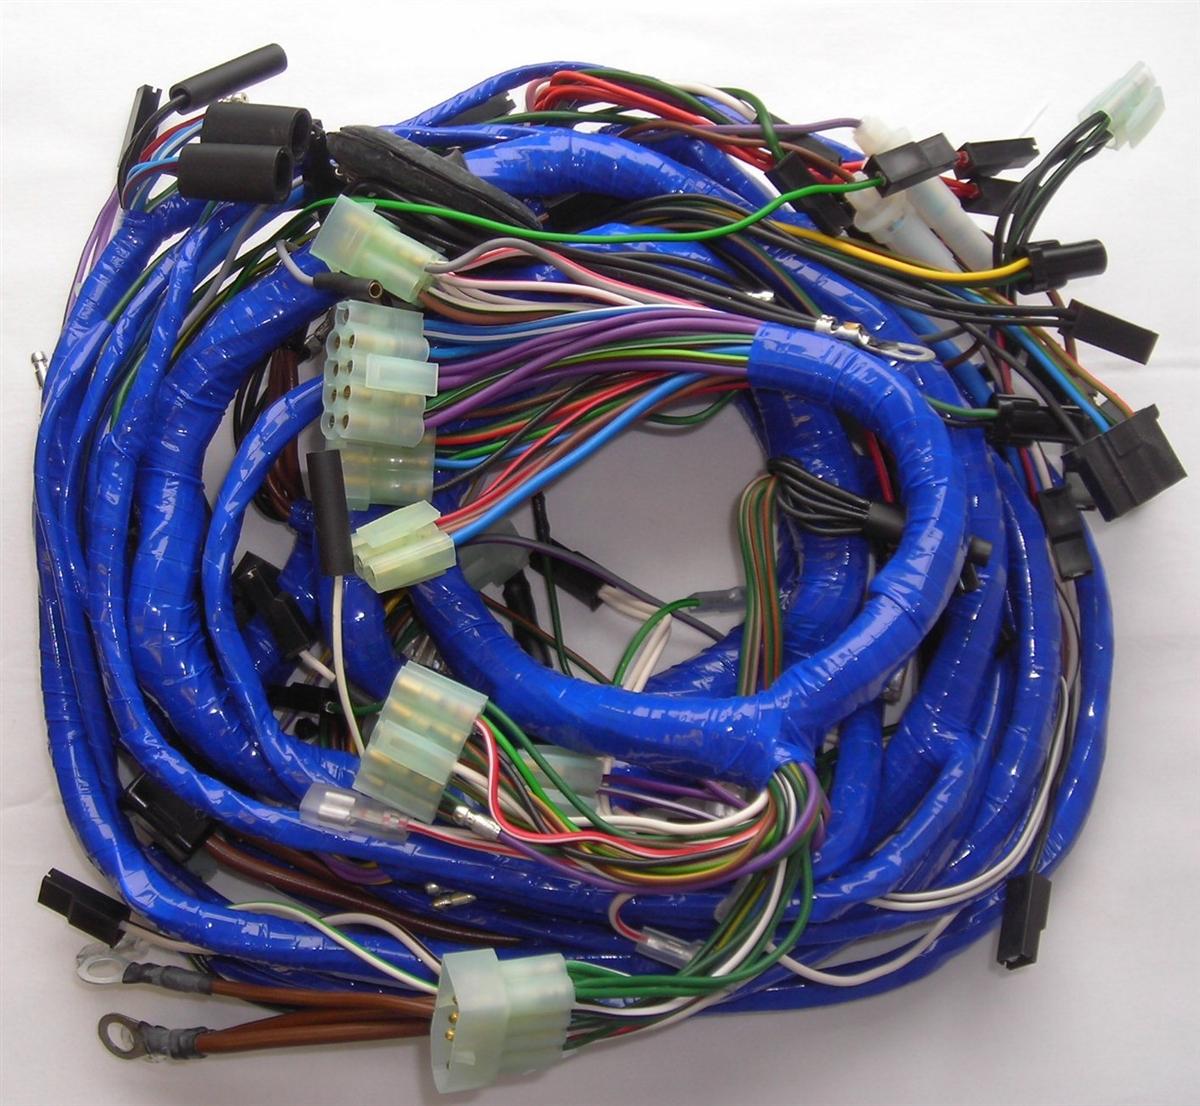 mgb 1978 79 main wiring harness 520 1978 mgb wiring harness 1978 mgb wiring harness [ 1200 x 1106 Pixel ]